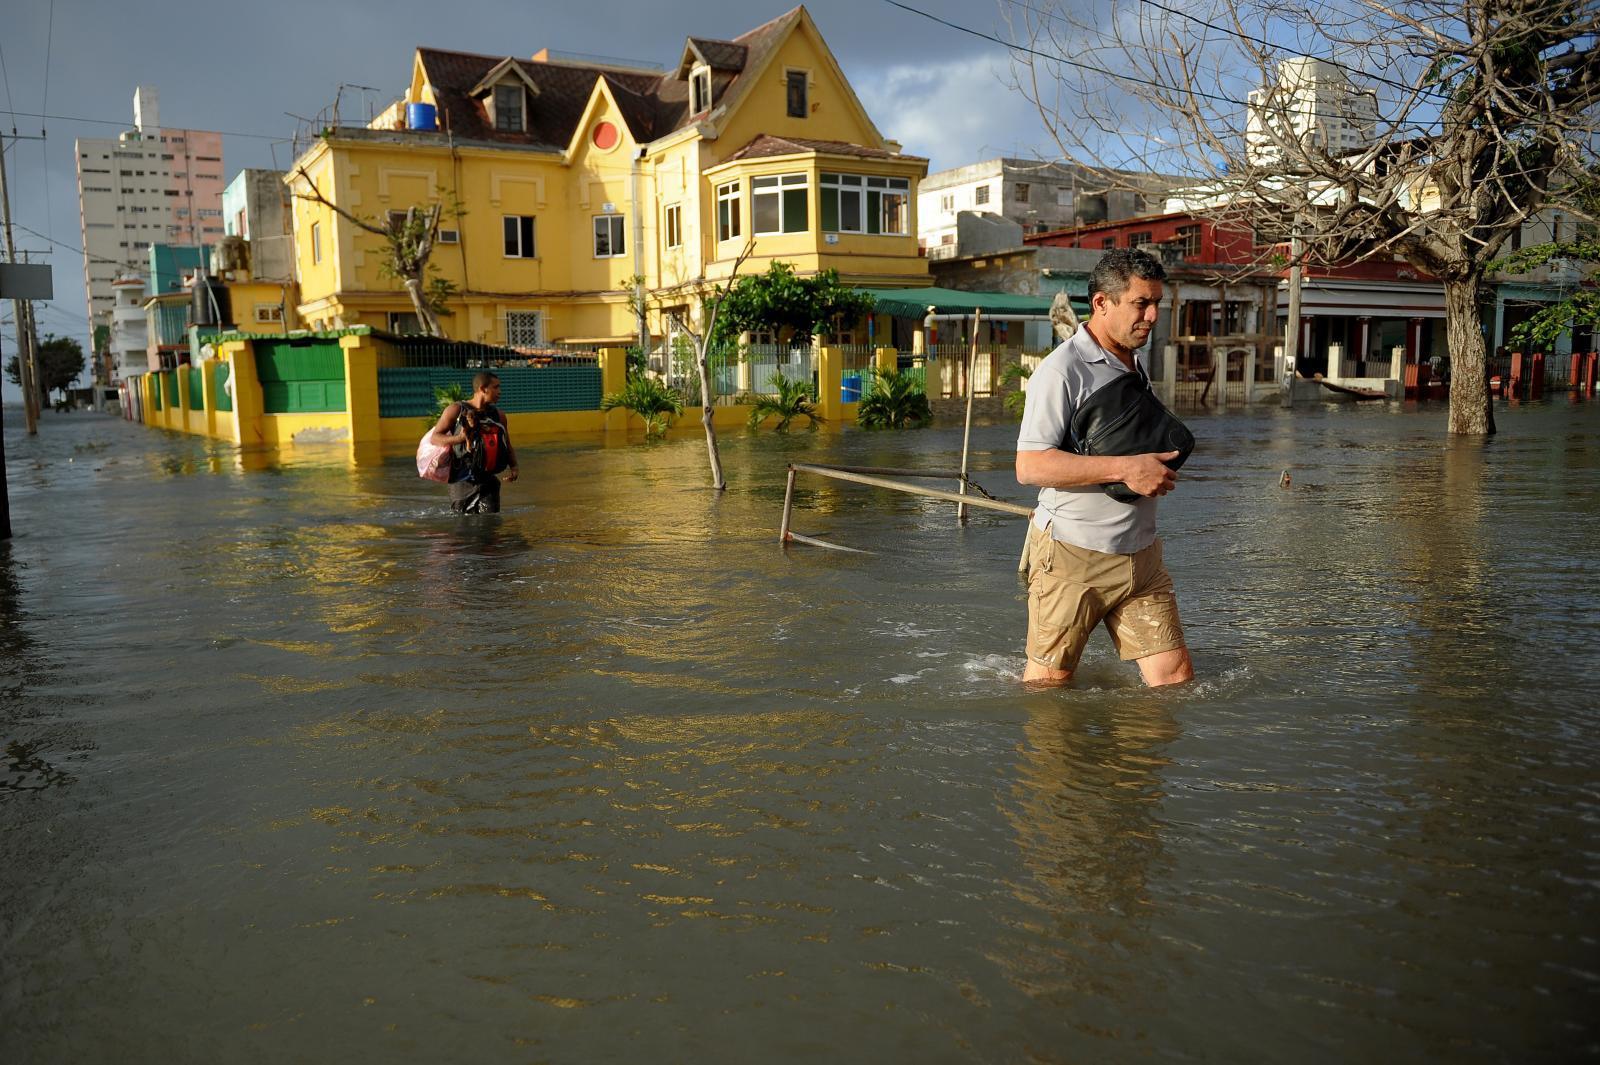 น้ำทะเลหนุนเมืองหลวงคิวบาเผชิญน้ำท่วม